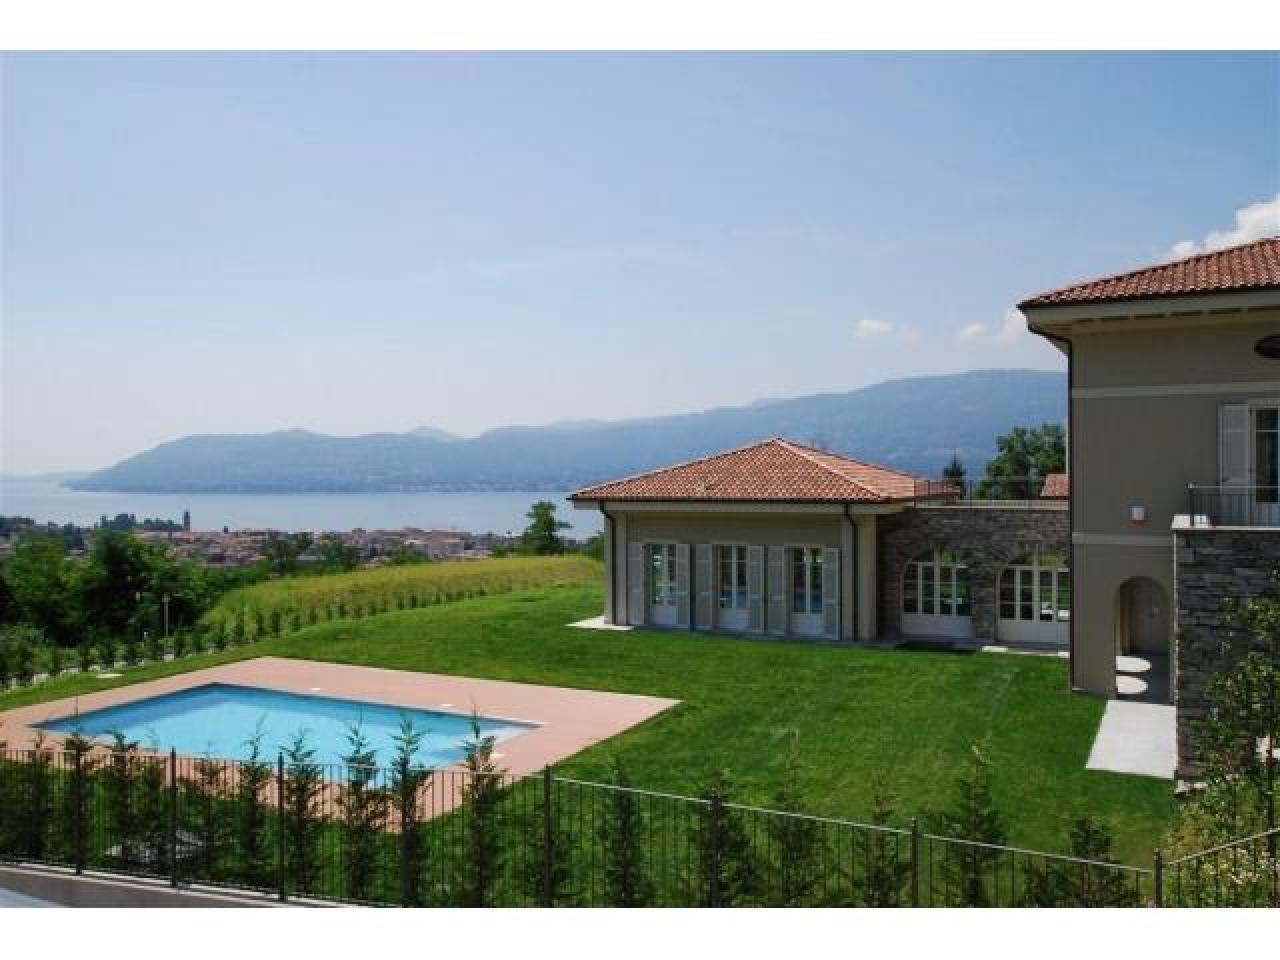 Вилла в Палланце (Италия) на озере Маджоре - 1